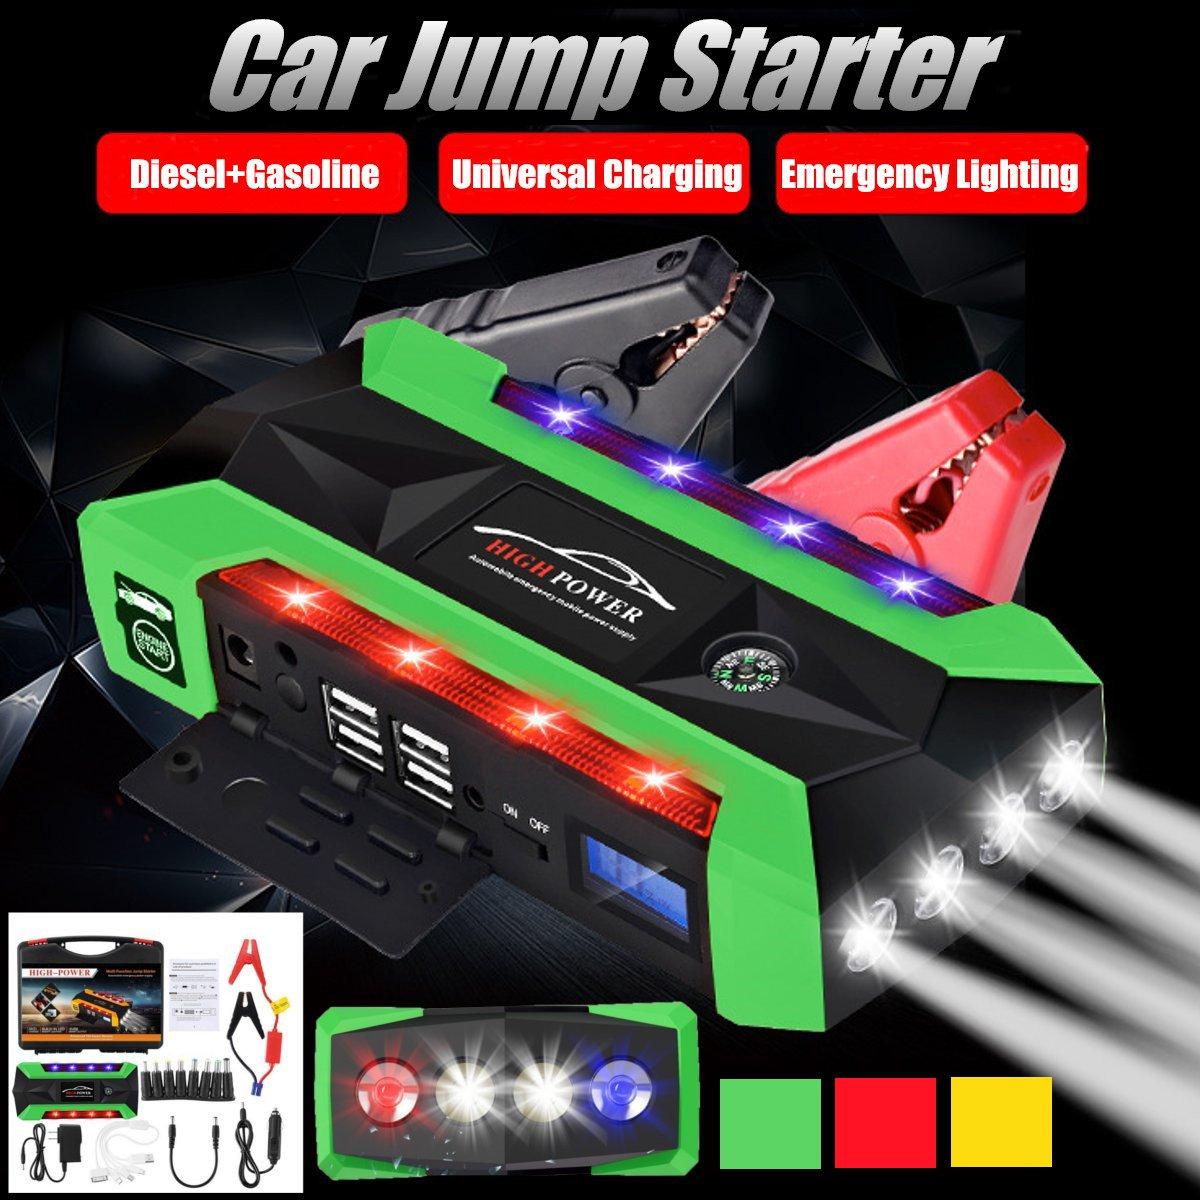 Démarreur de voiture de secours 89800 mAh 4USB batterie externe 12 V Portable démarreur de voiture de démarrage pour chargeur de batterie de voiture